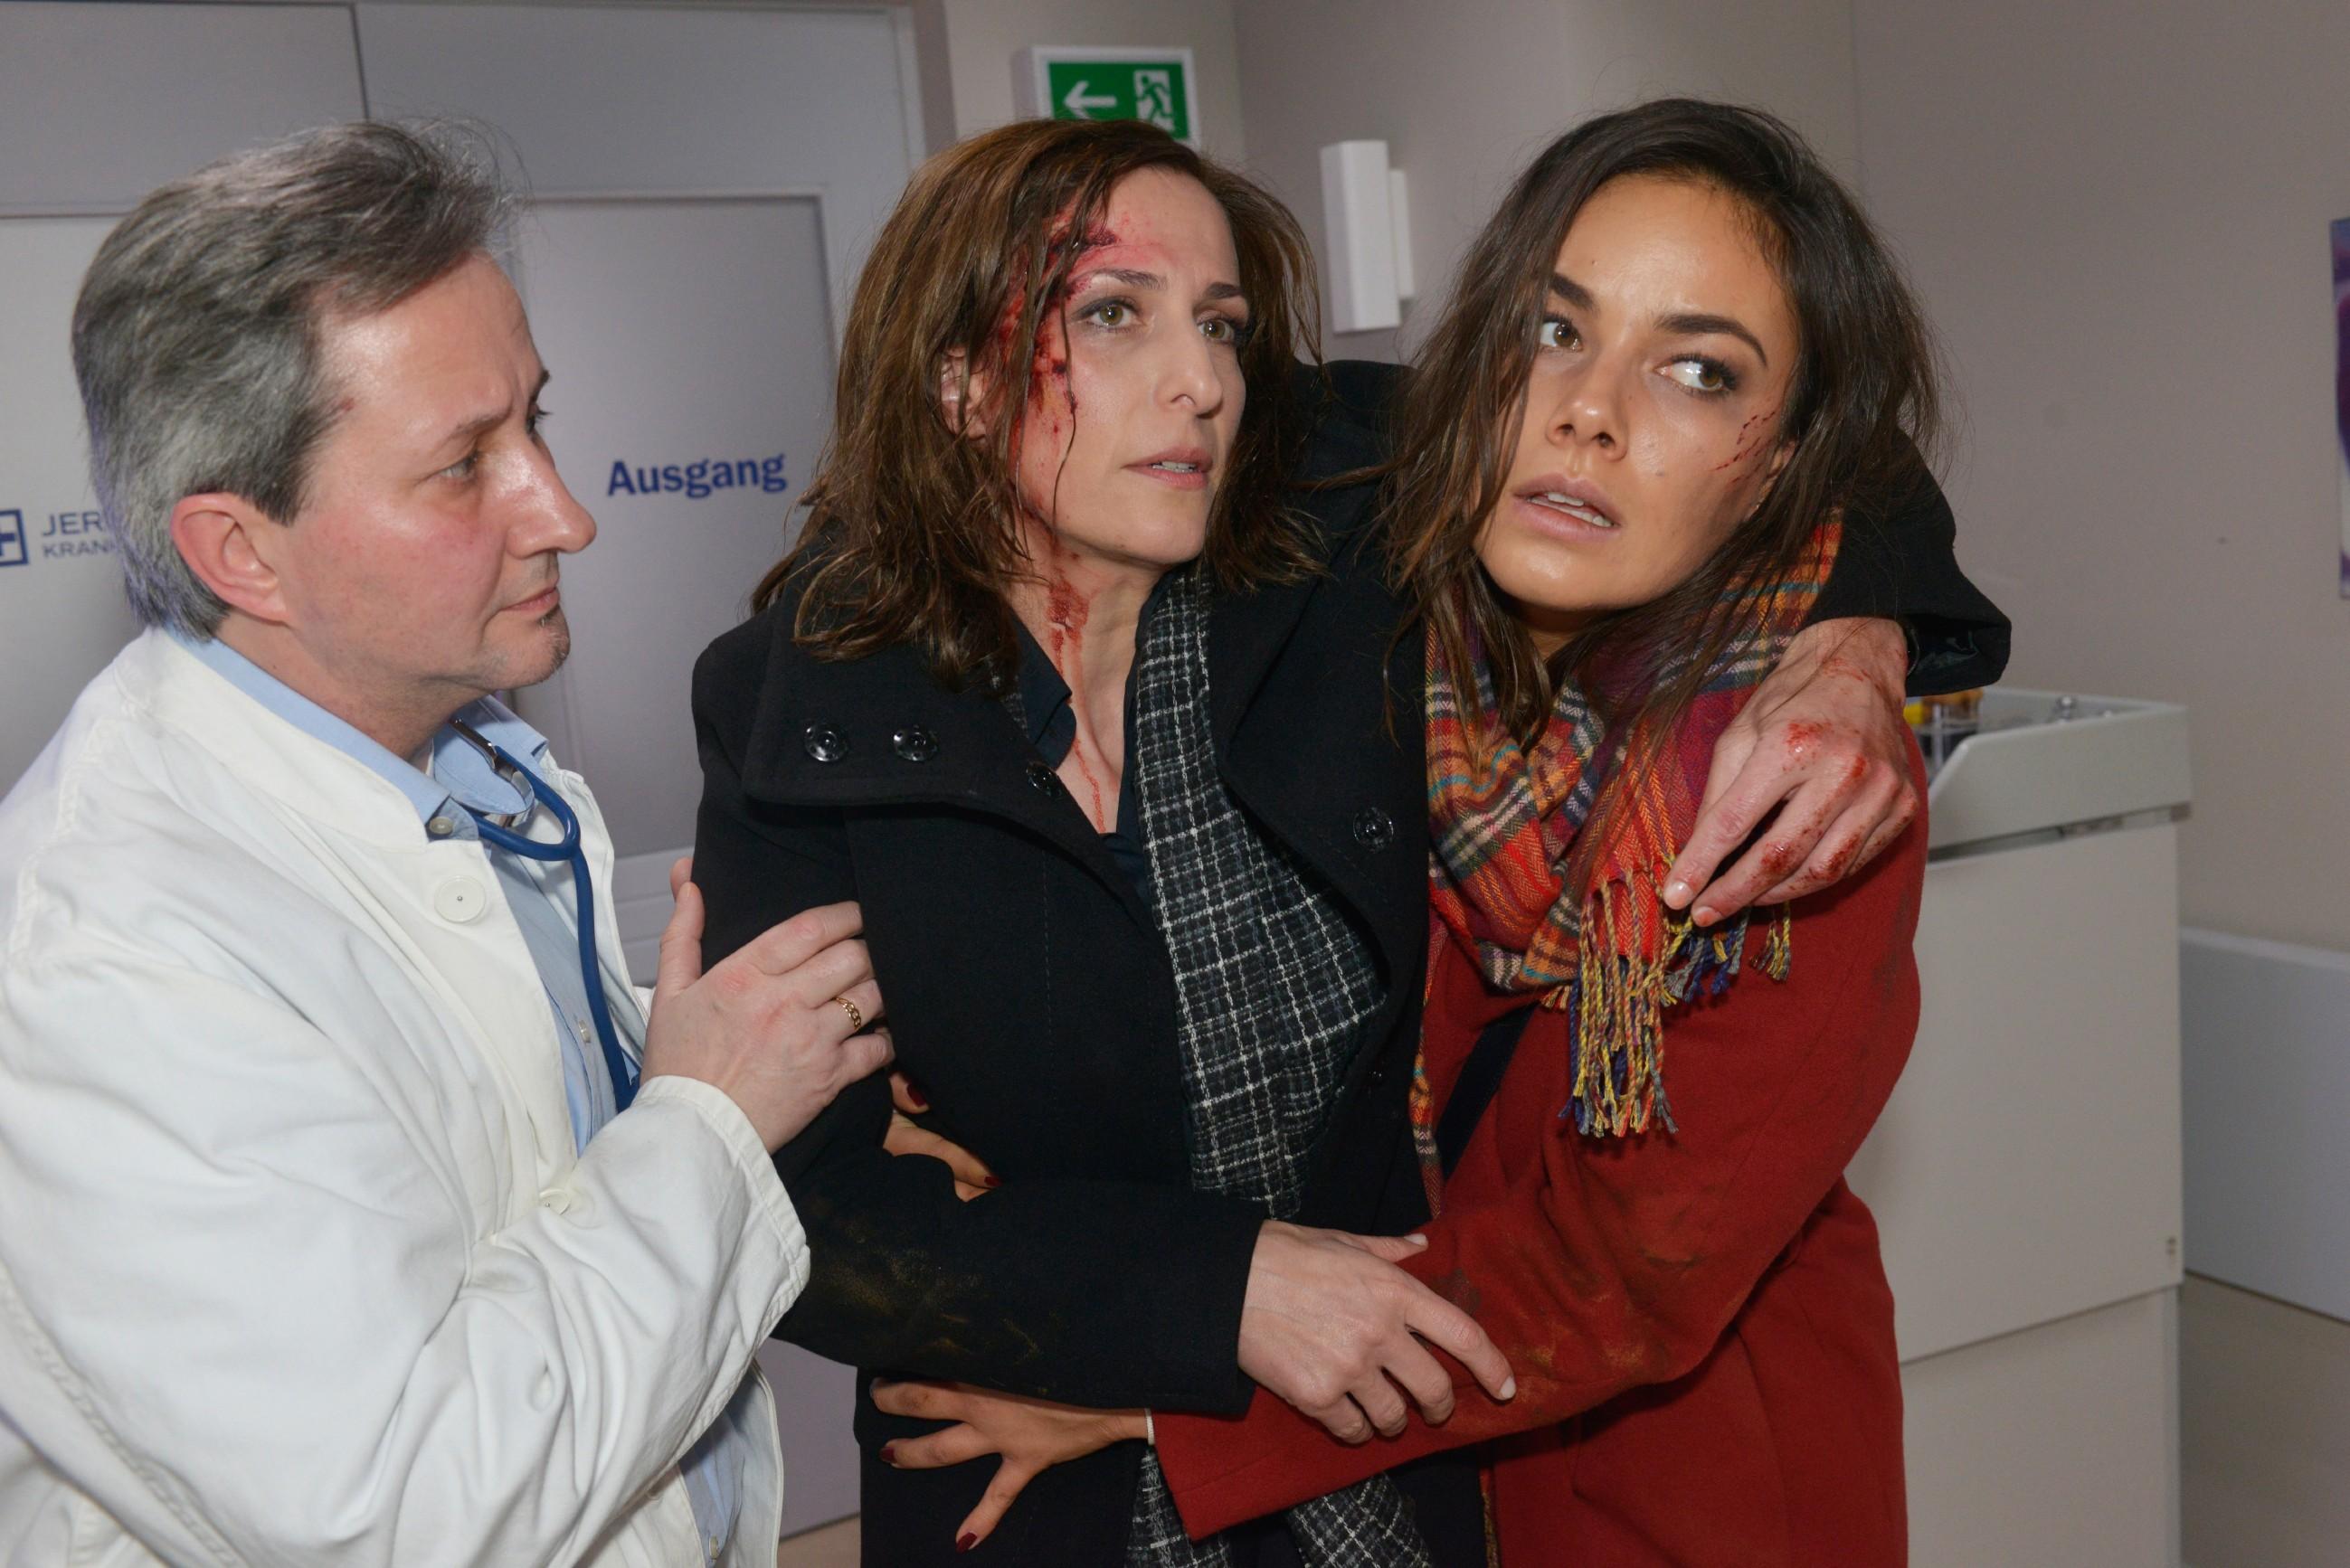 Jasmin (Janina Uhse, r.) bringt die verletzte Katrin (Ulrike Frank, M.) zu einem Arzt (Komparse) ins Krankenhaus und riskiert damit, festgenommen zu werden. (Quelle: RTL / Rolf Baumgartner)